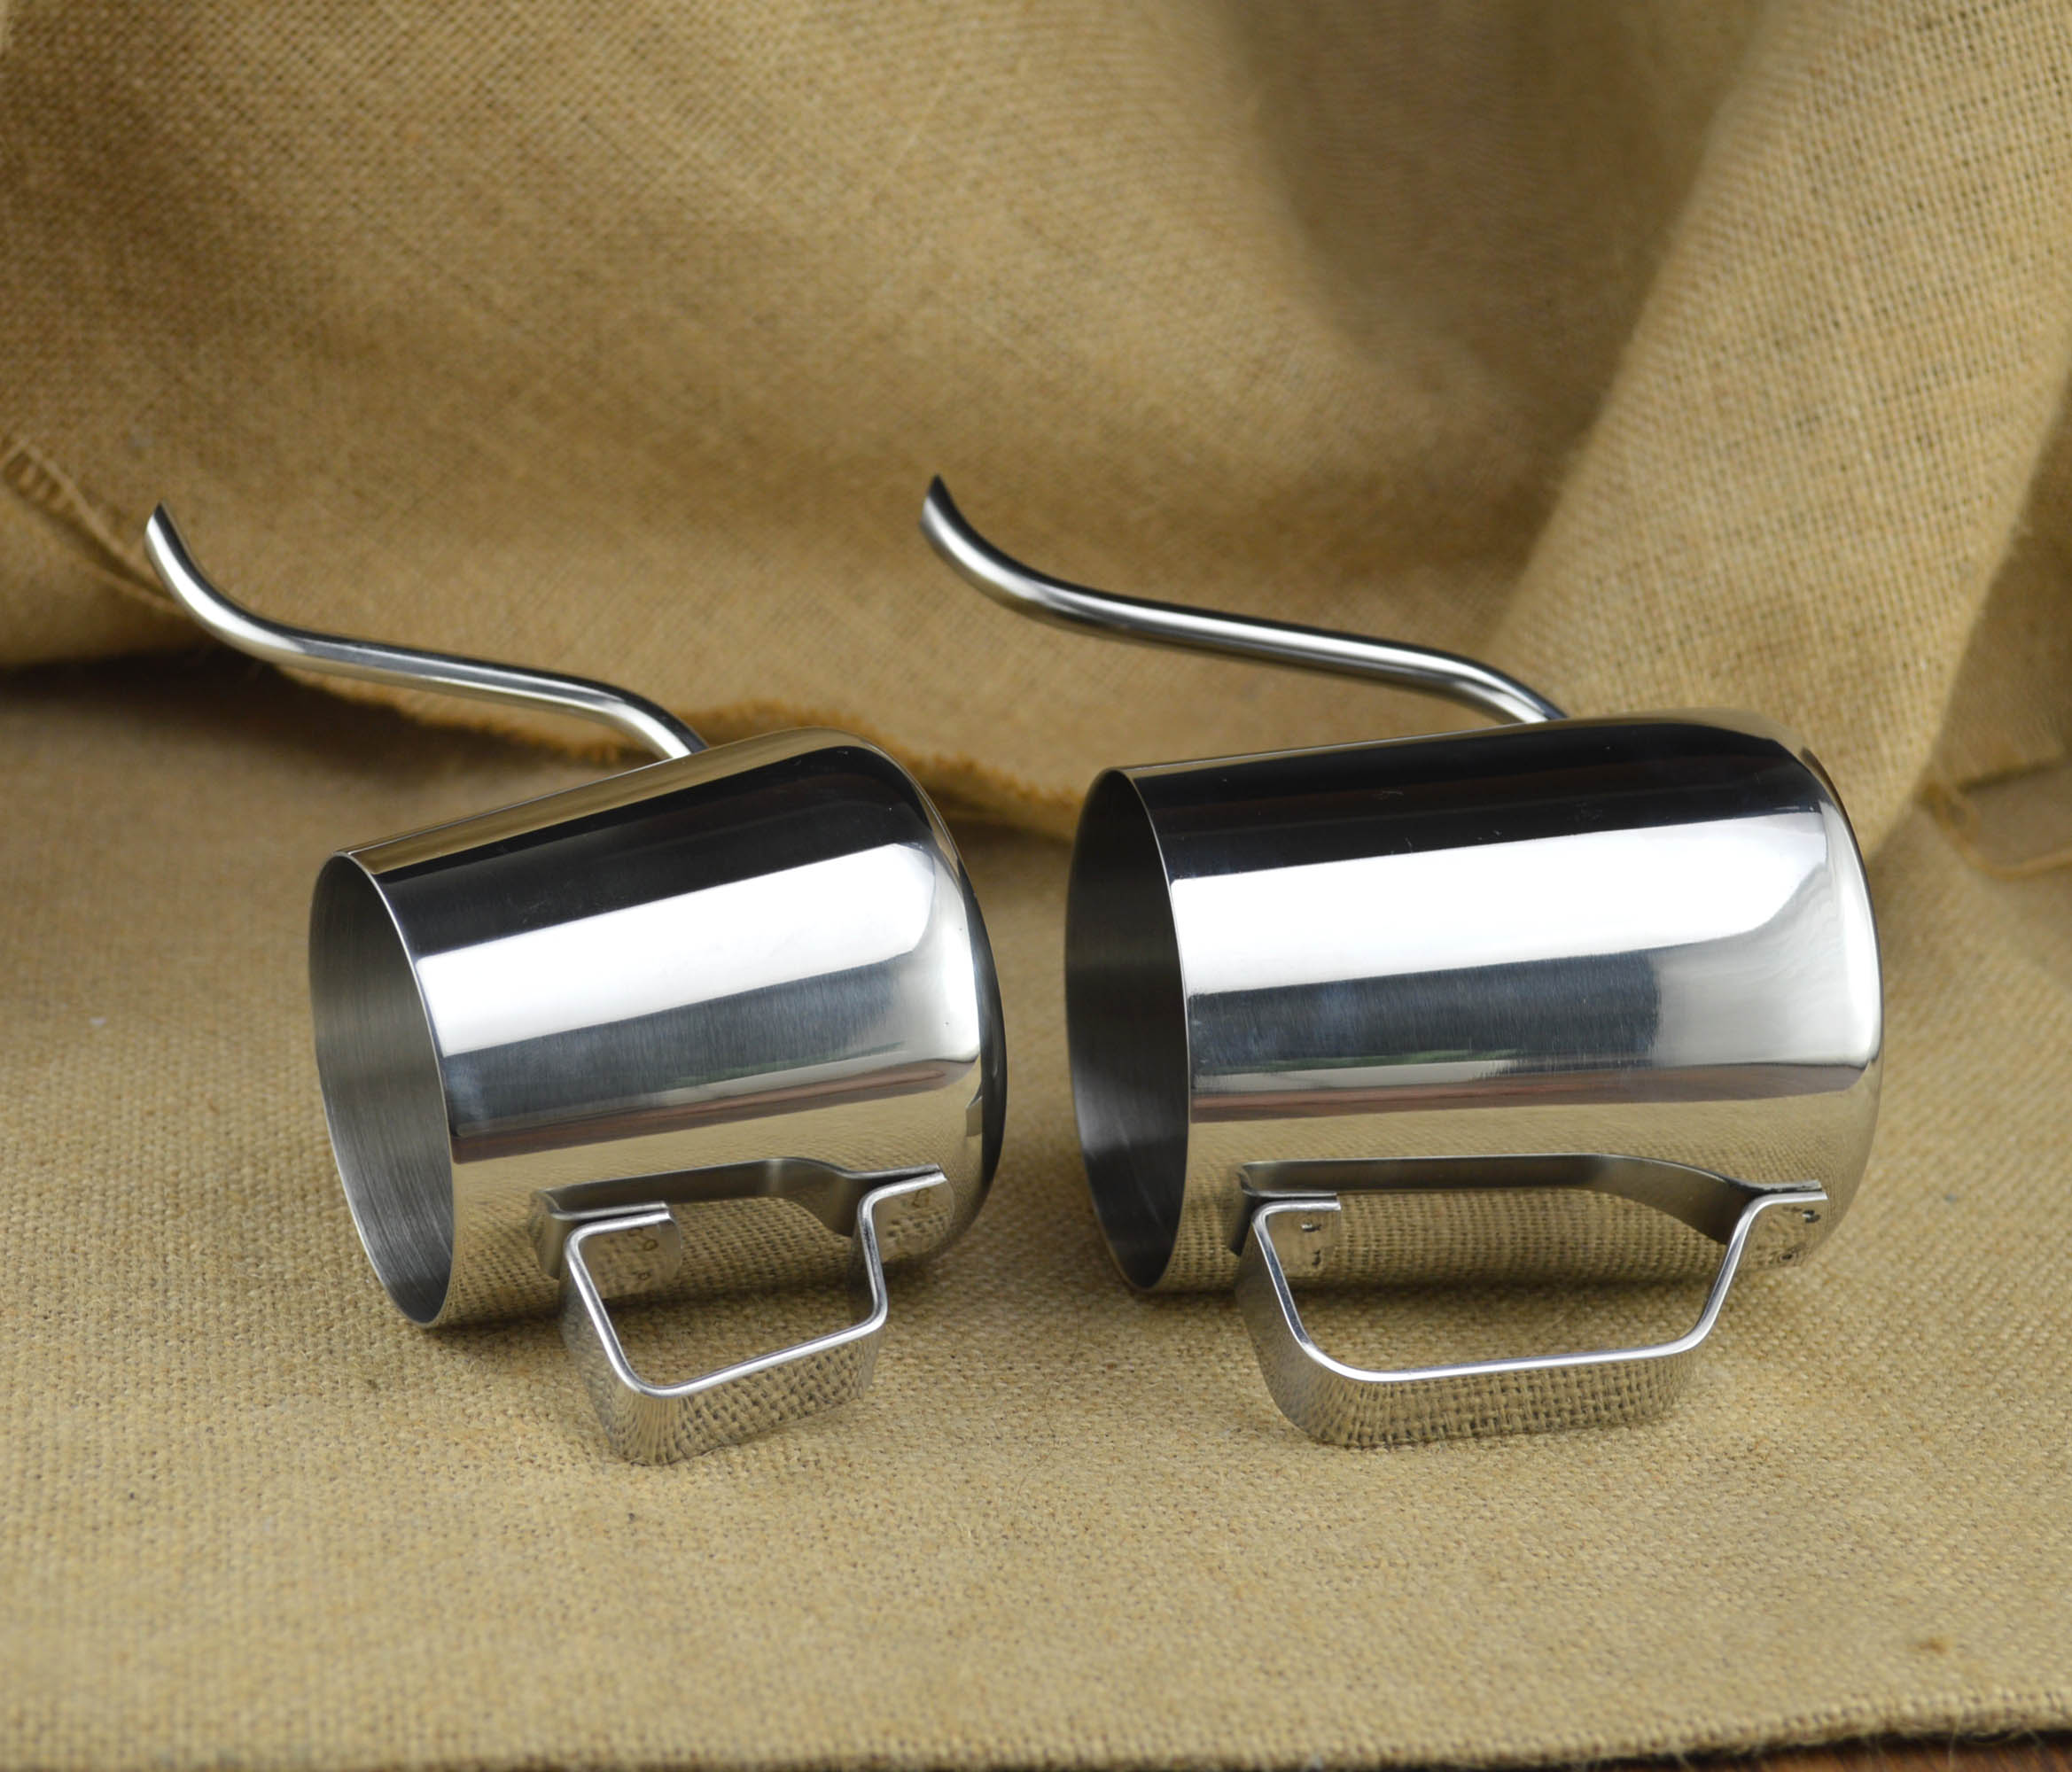 【免運】手沖咖啡壺家用小型迷你細口壺304不銹鋼掛耳長嘴手沖壺套裝美式 QFRX58925